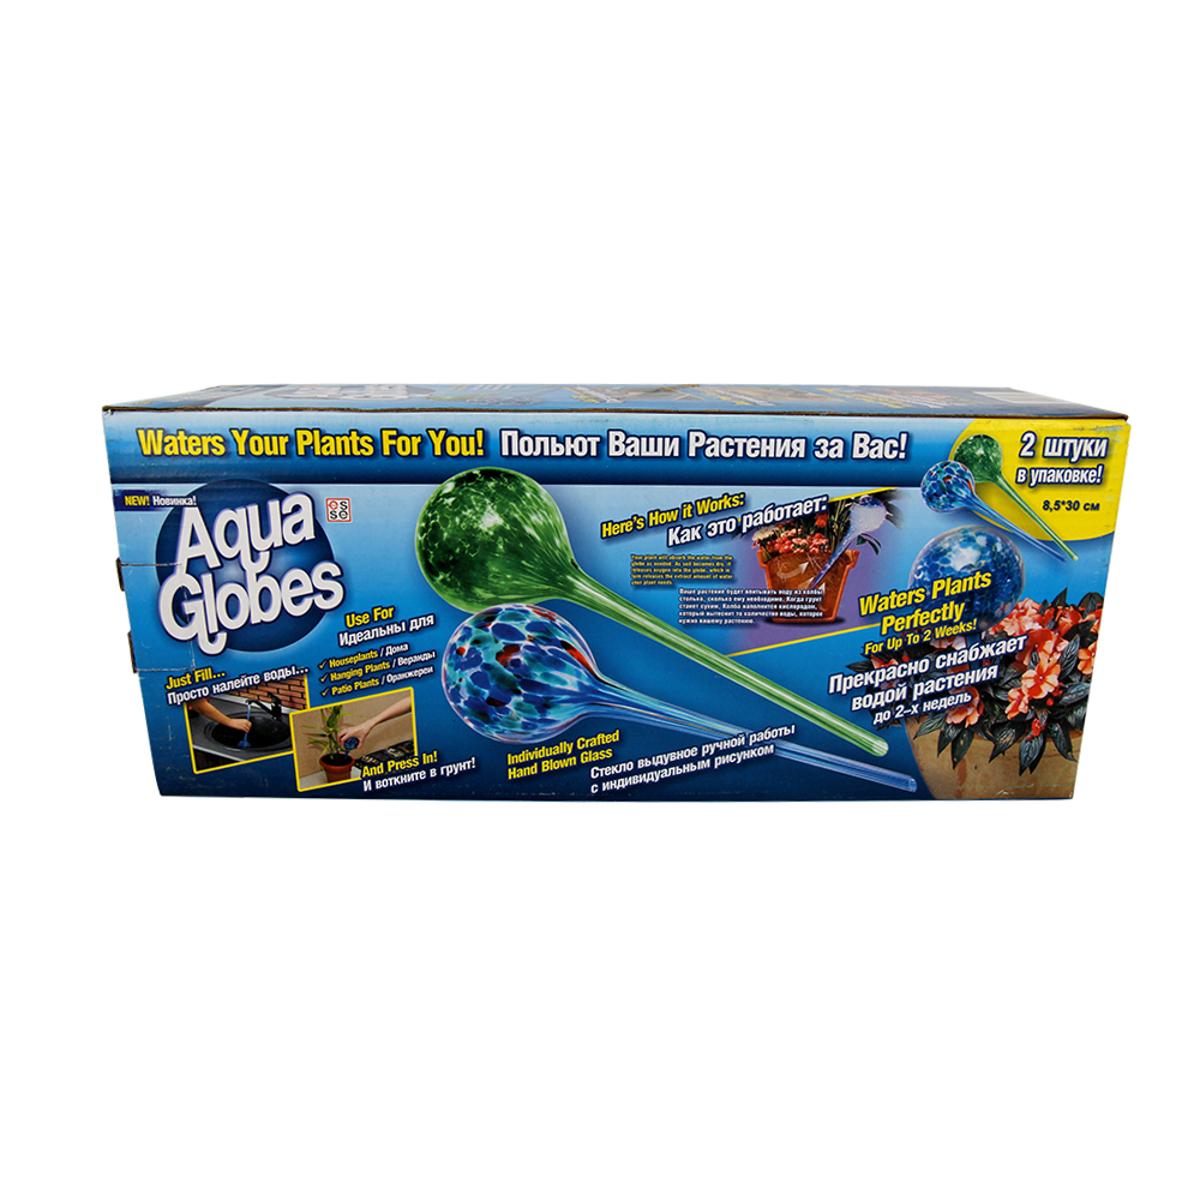 Колба Masterprof Aqua Globes, для автополива, 8,5 х 8,5 x 30 см, 2 штHS.110024Материал: стекло, в упаковке 2 шт., материал упаковки: картонная коробка.Предназначены для автоматического полива комнатных растений, сроком до двух недель (в зависимости от грунта).